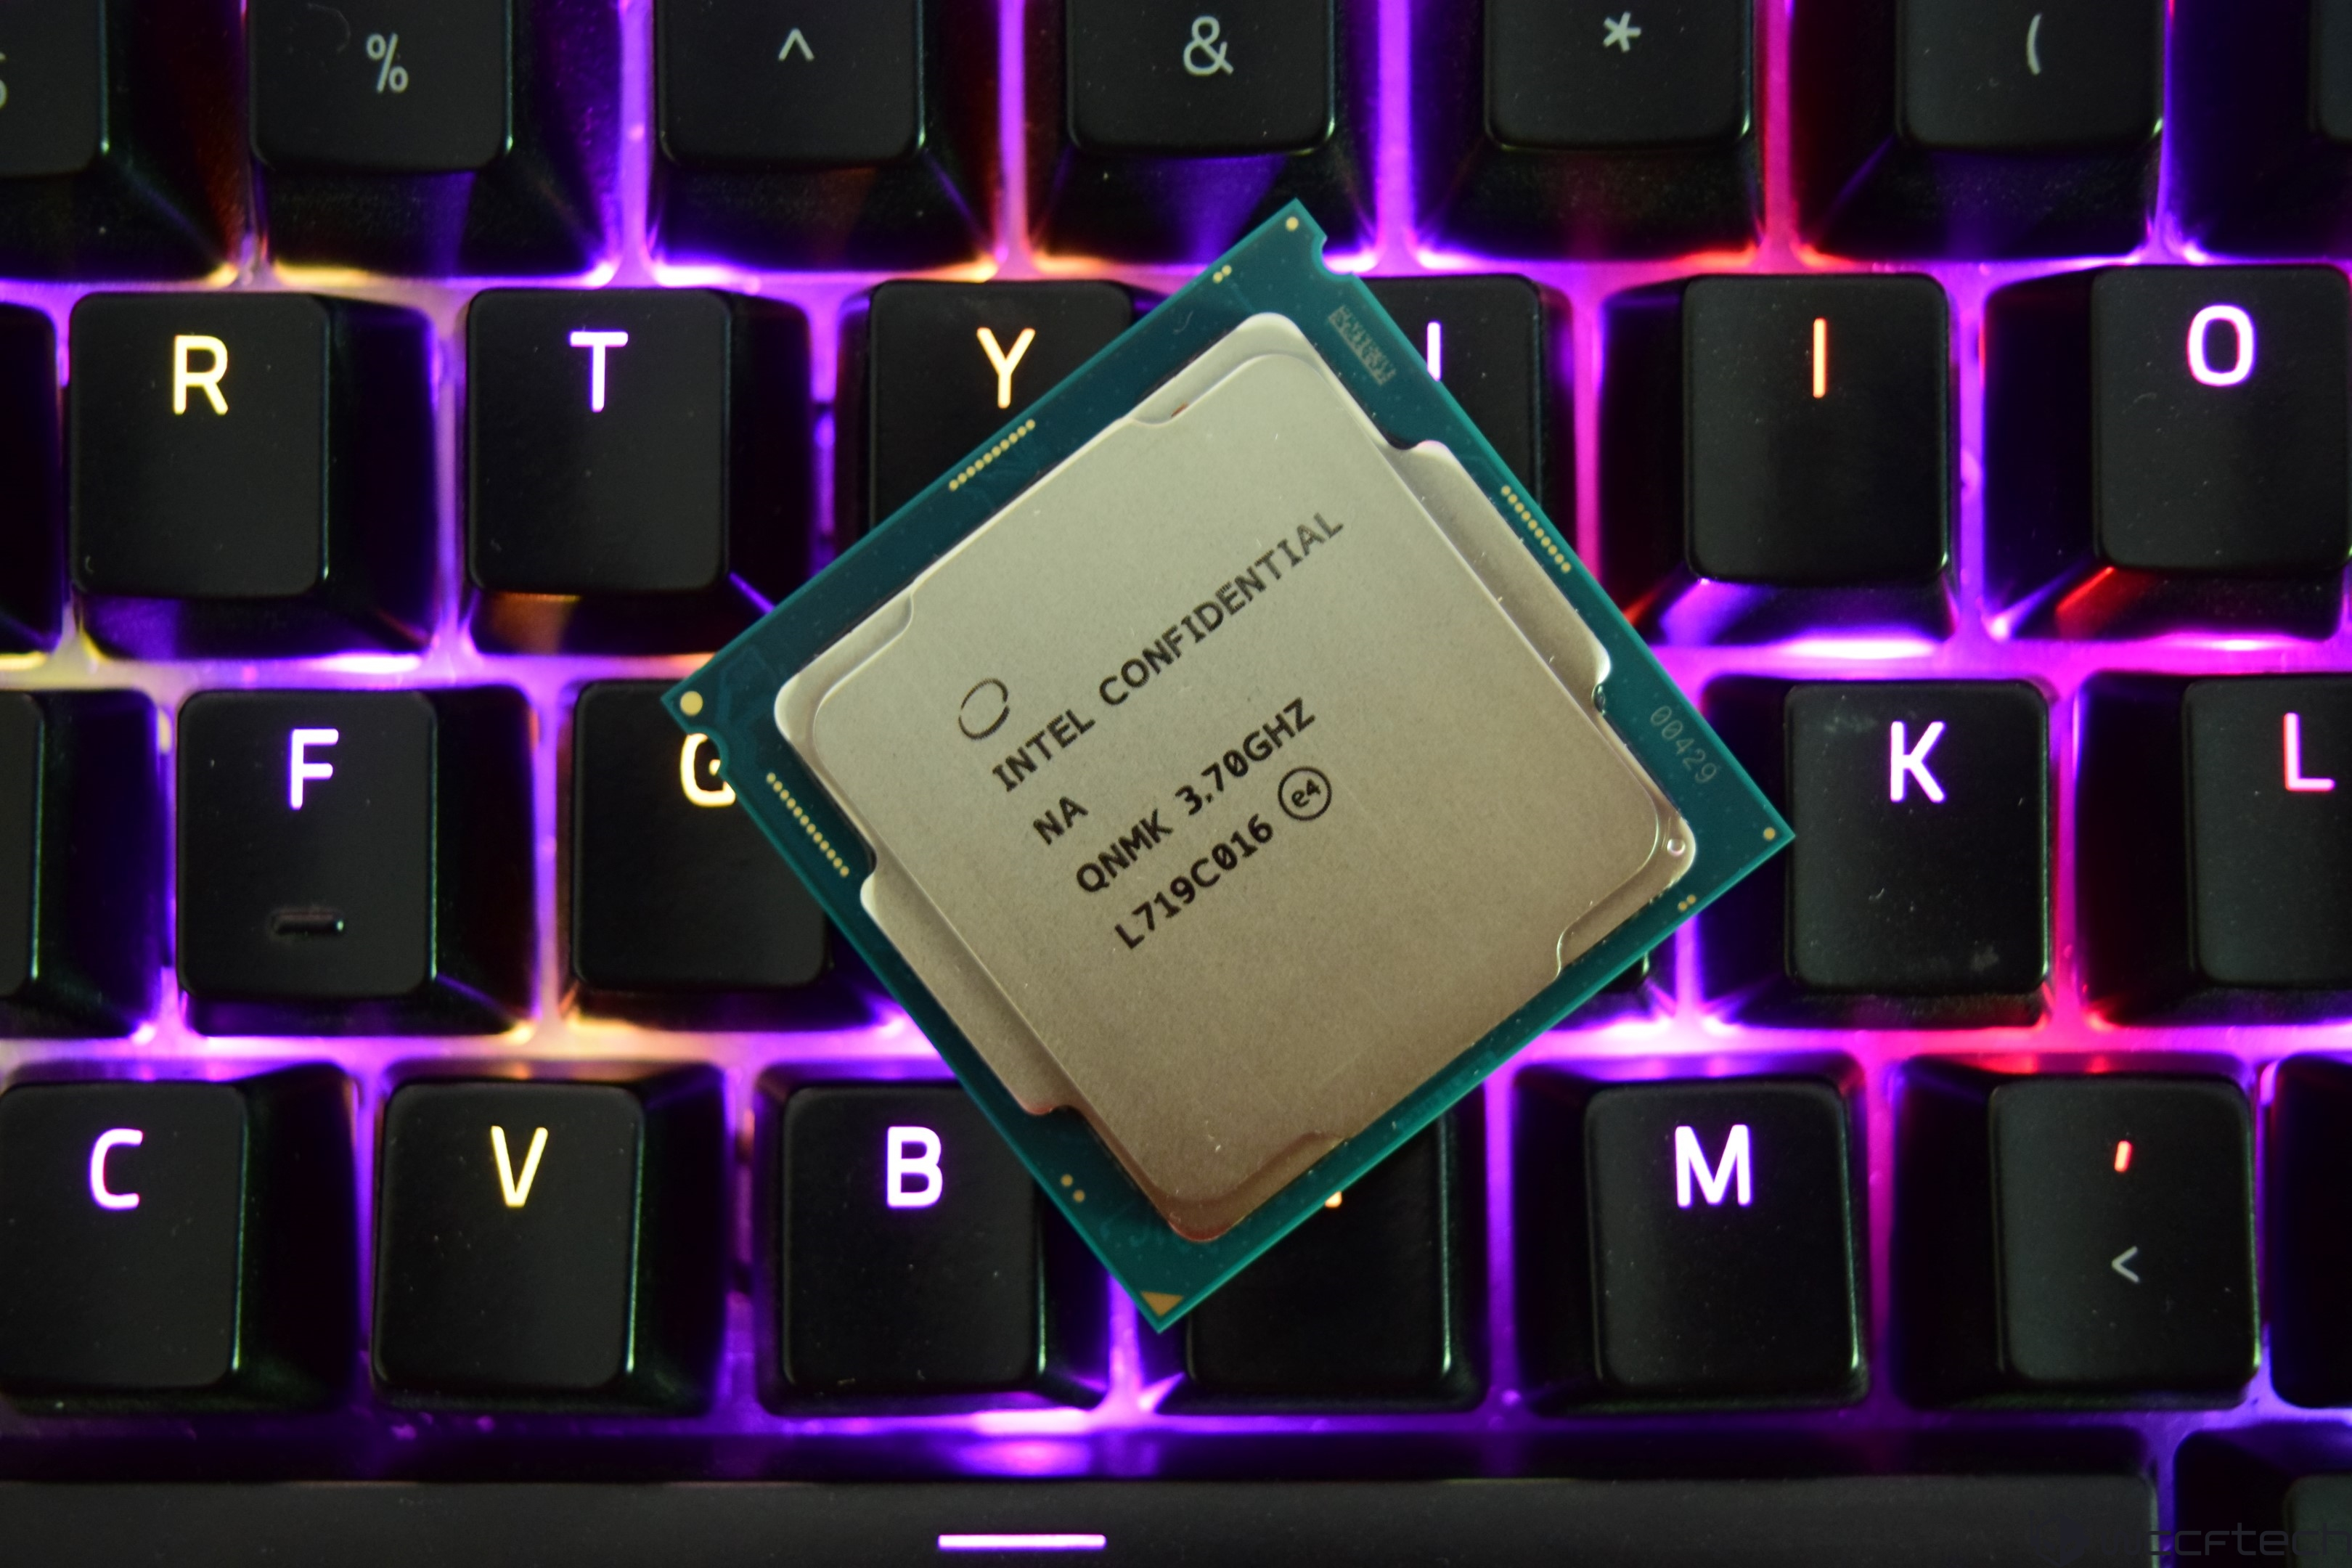 Gigabyte Z370 AORUS Gaming 7 LGA 1151 Motherboard Review